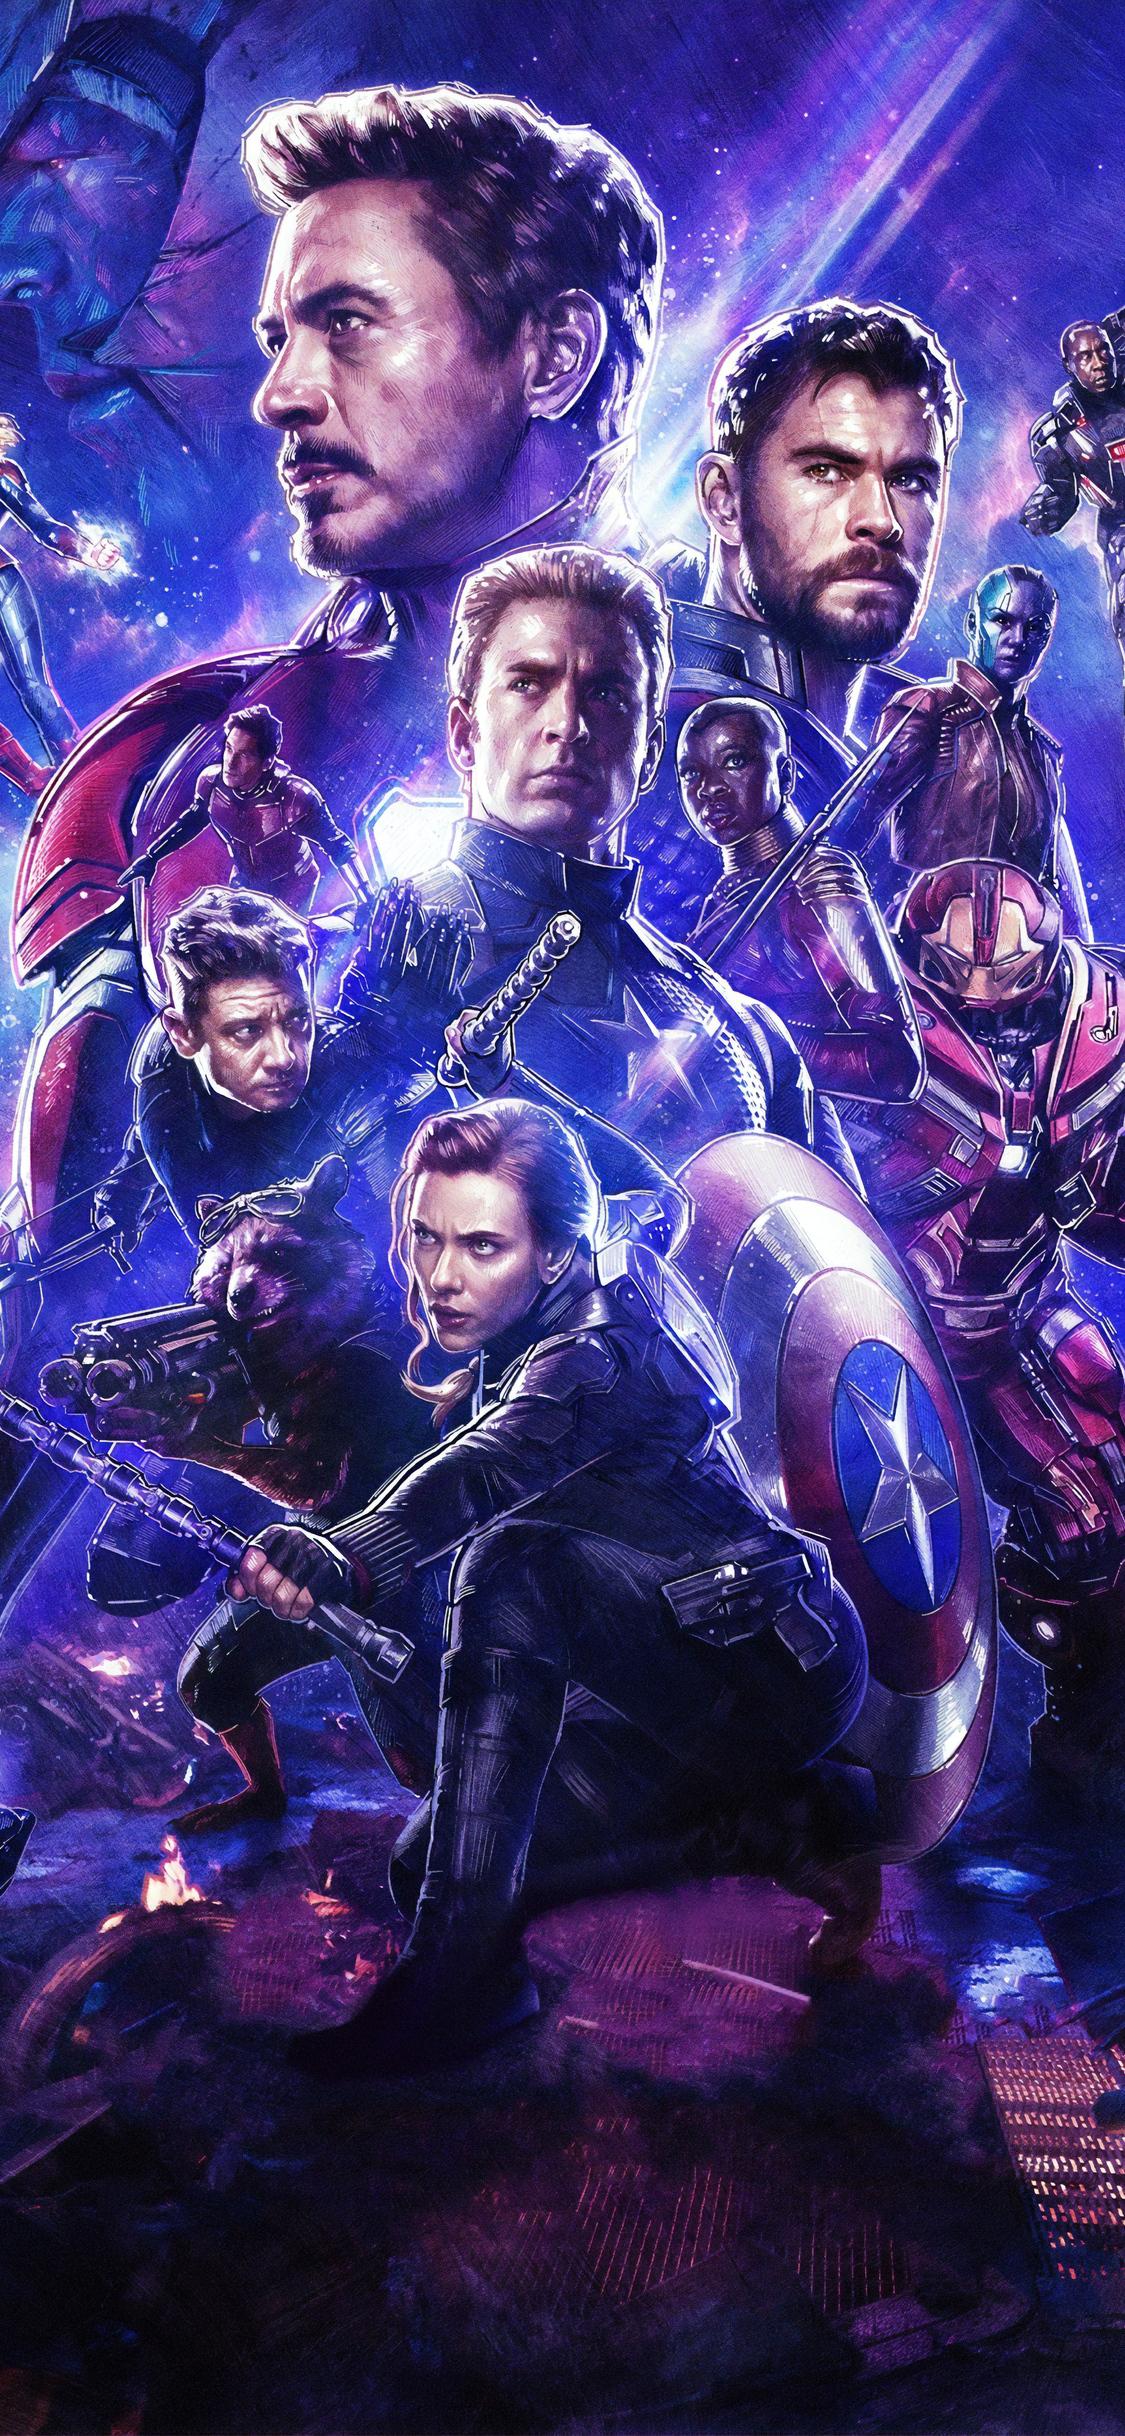 Avengers Endgame Wallpaper 4k Iphone X